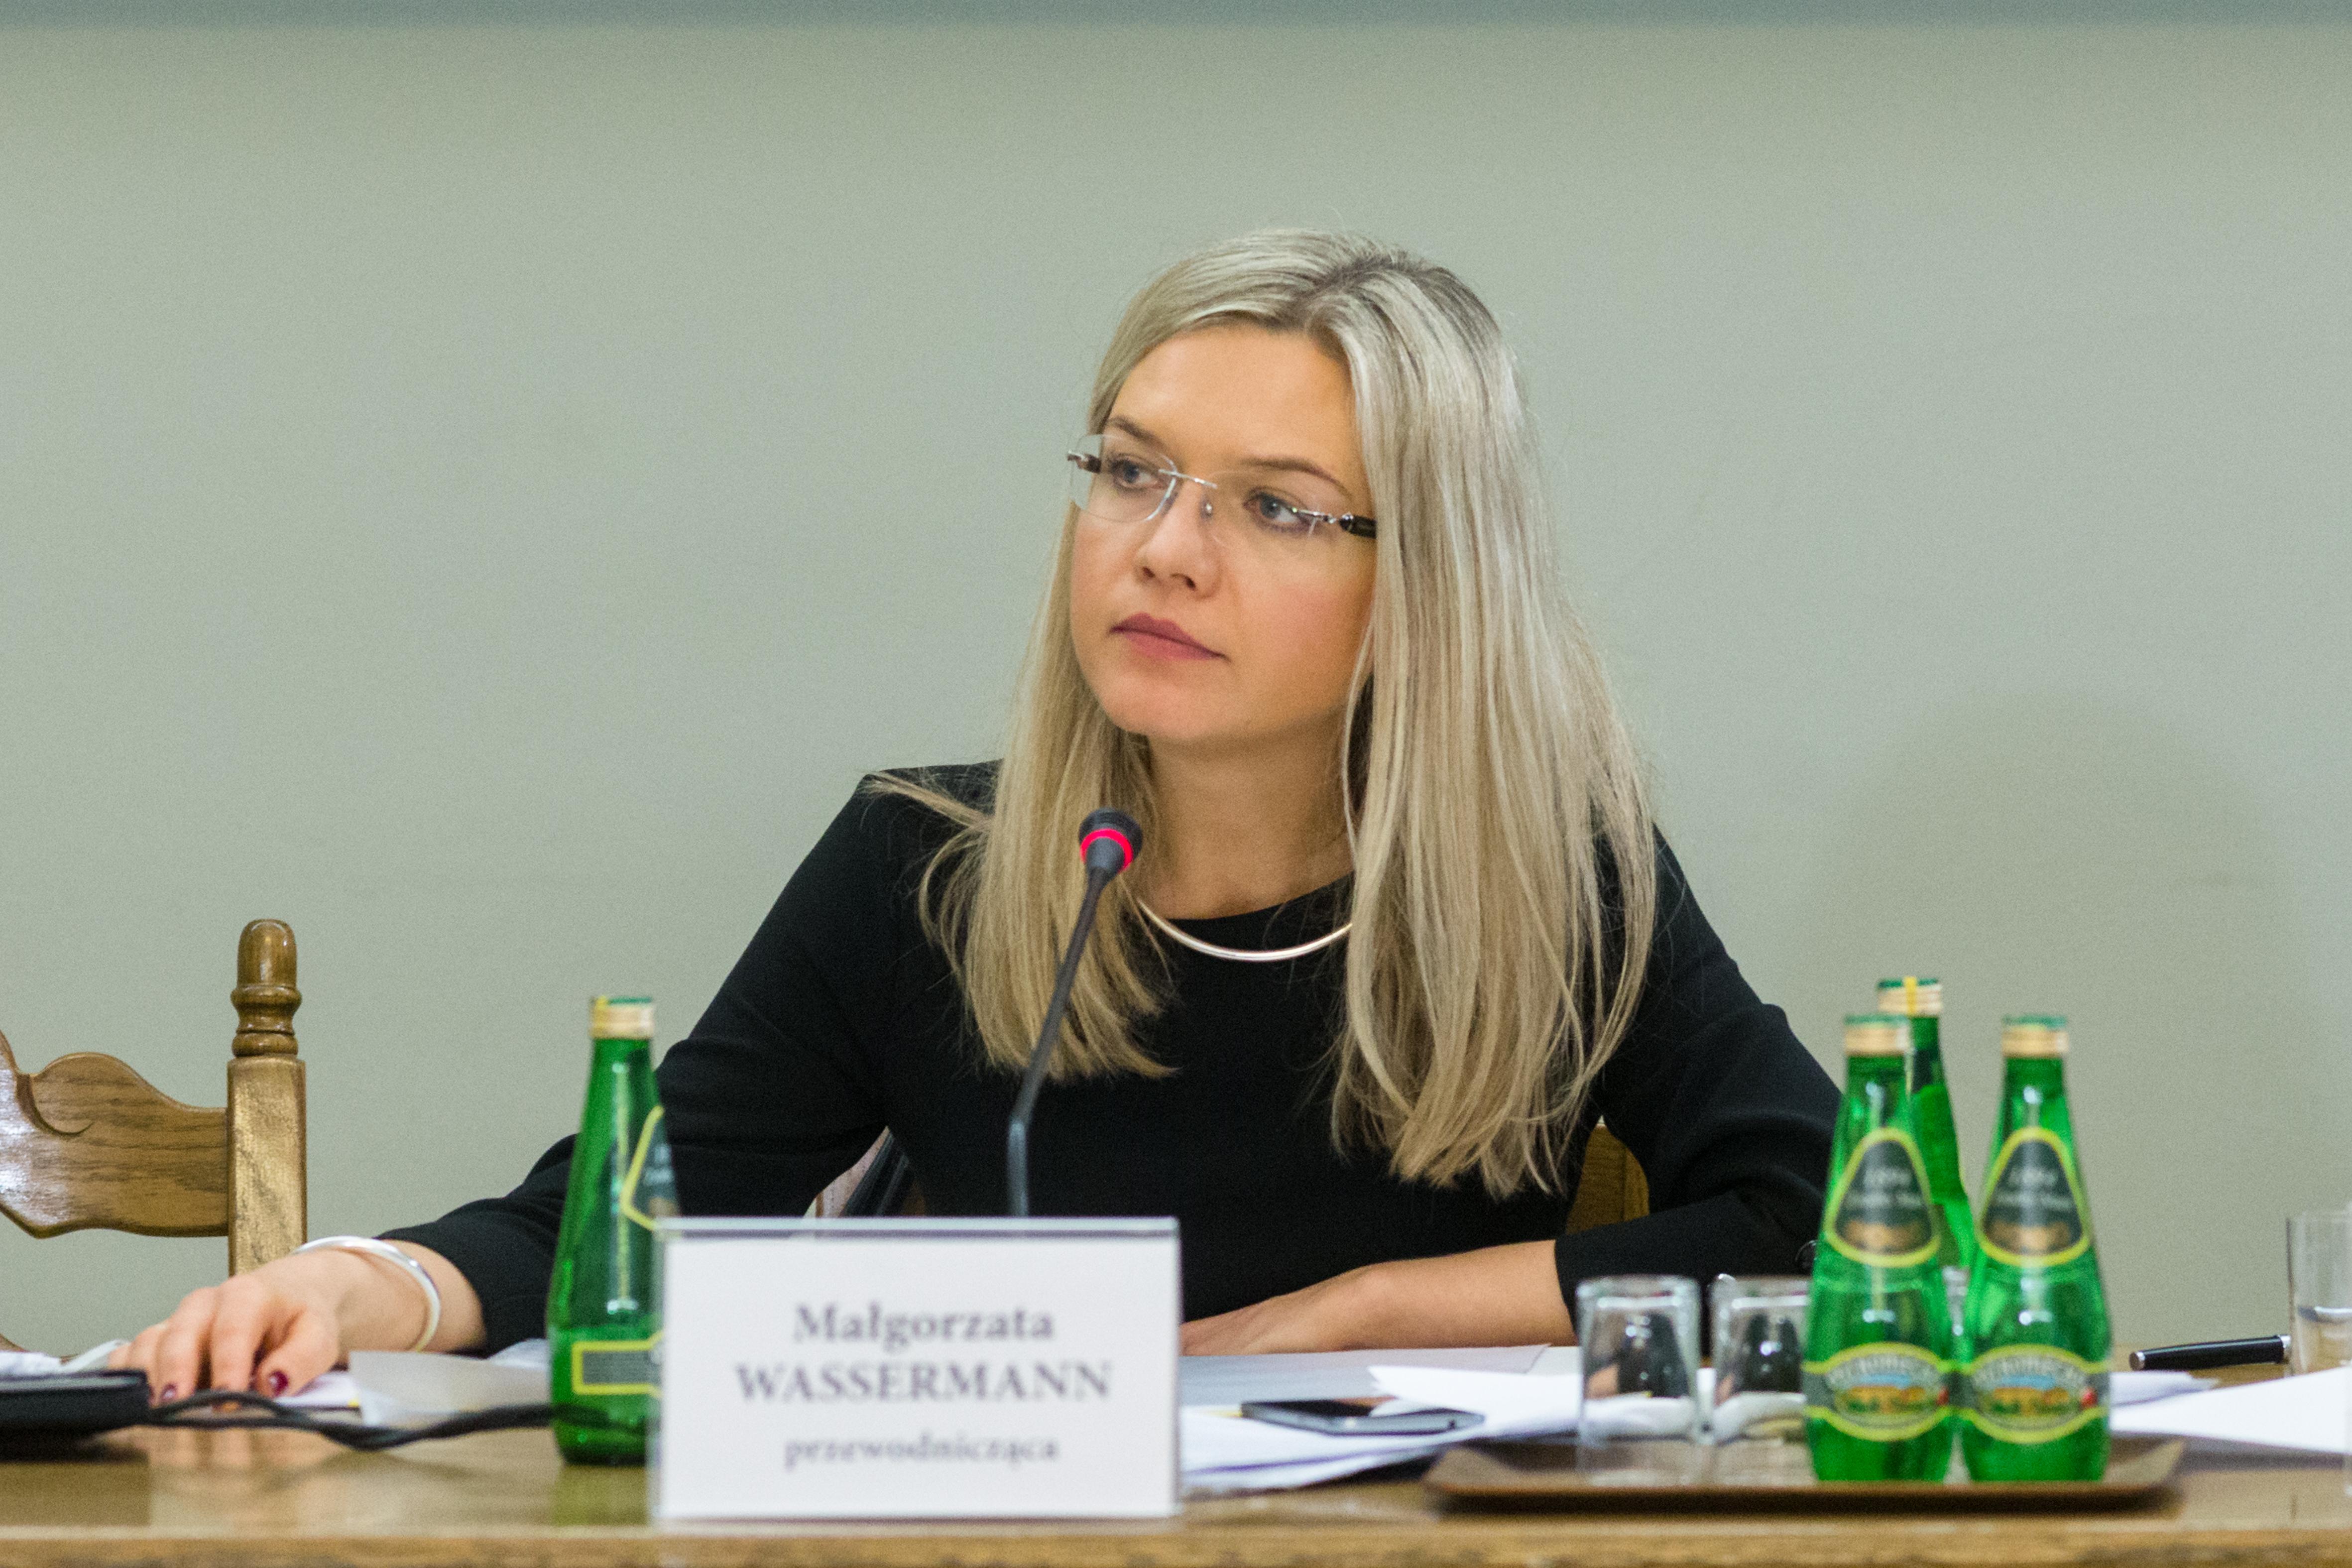 Amber Gold – komisja przesłuchała świadków z Pomorskiego Urzędu Skarbowego